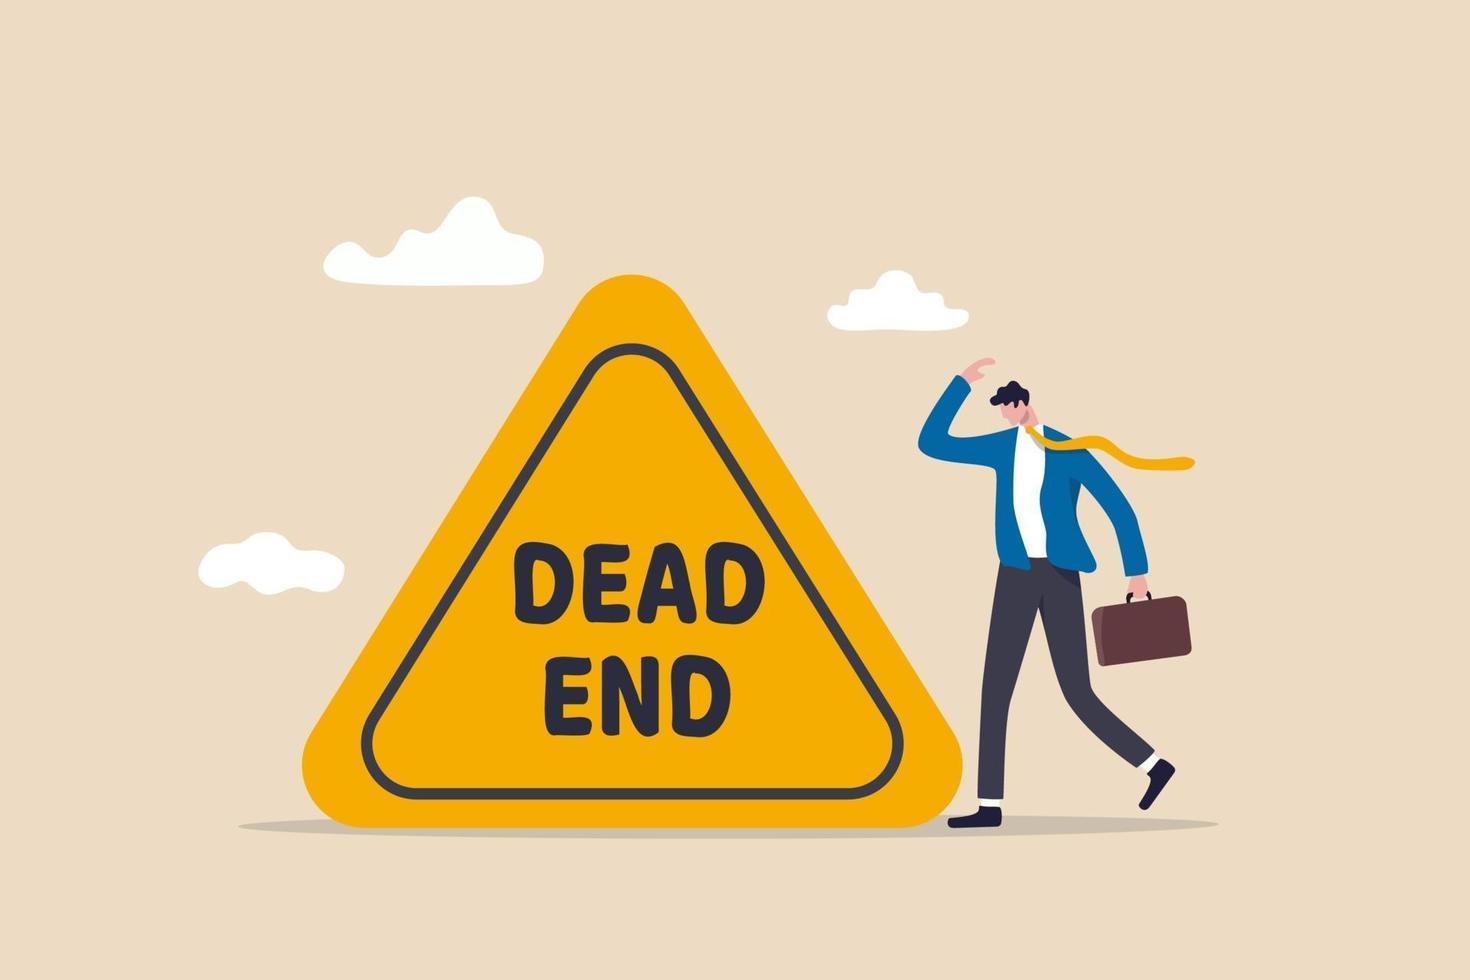 impasse commerciale ou professionnelle, aucune solution ou autre solution pour obstacle commercial, risque de lutte au même emploi pendant des années concept vecteur